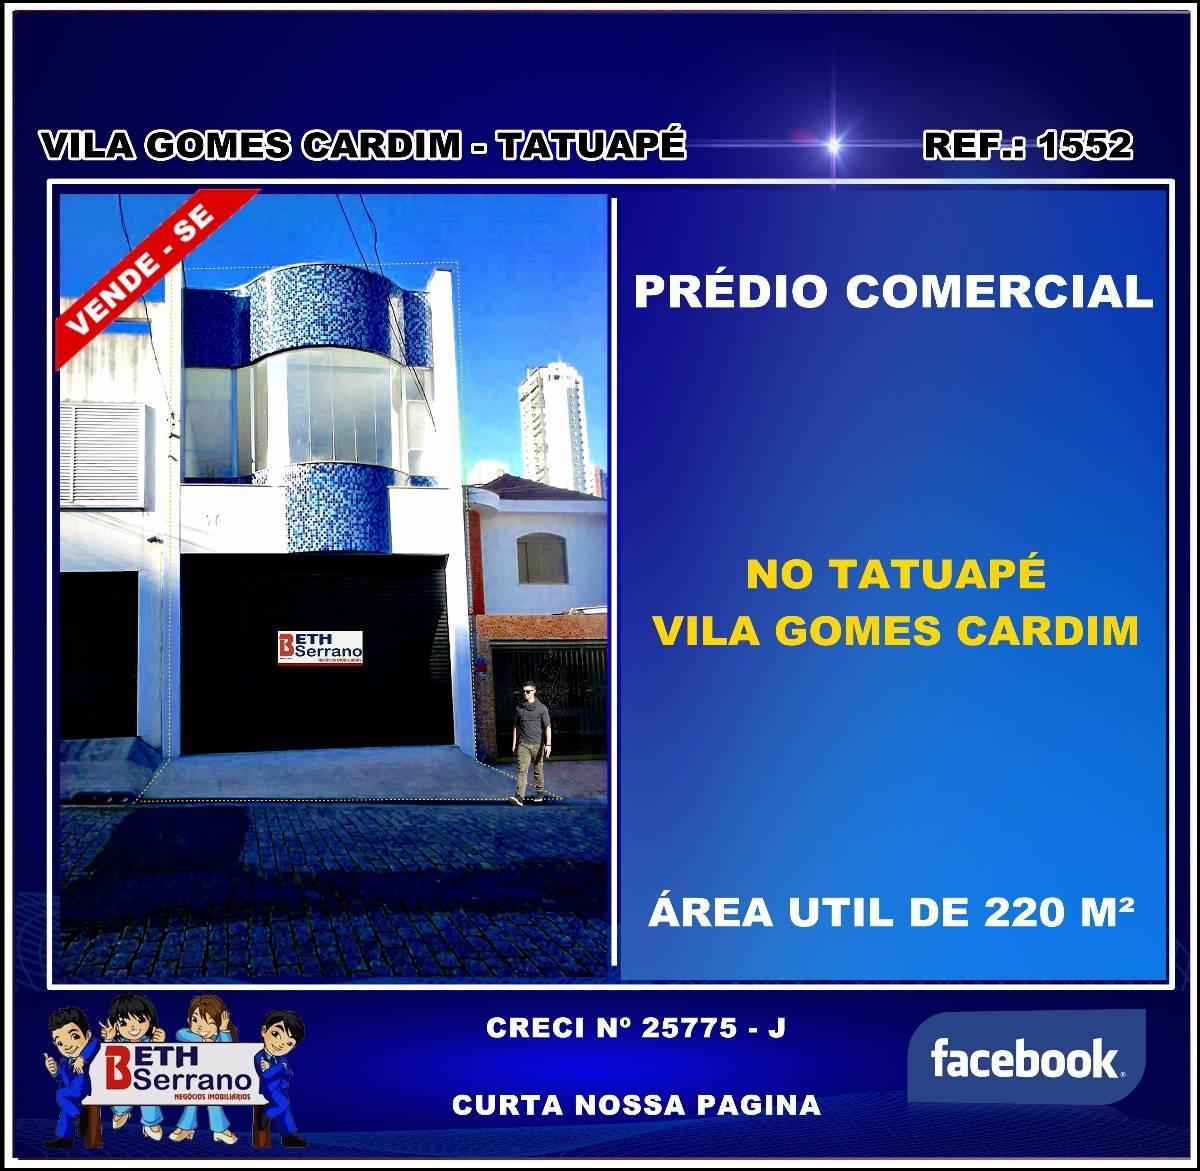 Prédio Comercial ( Tatuapé ) Vila Gomes Cardim